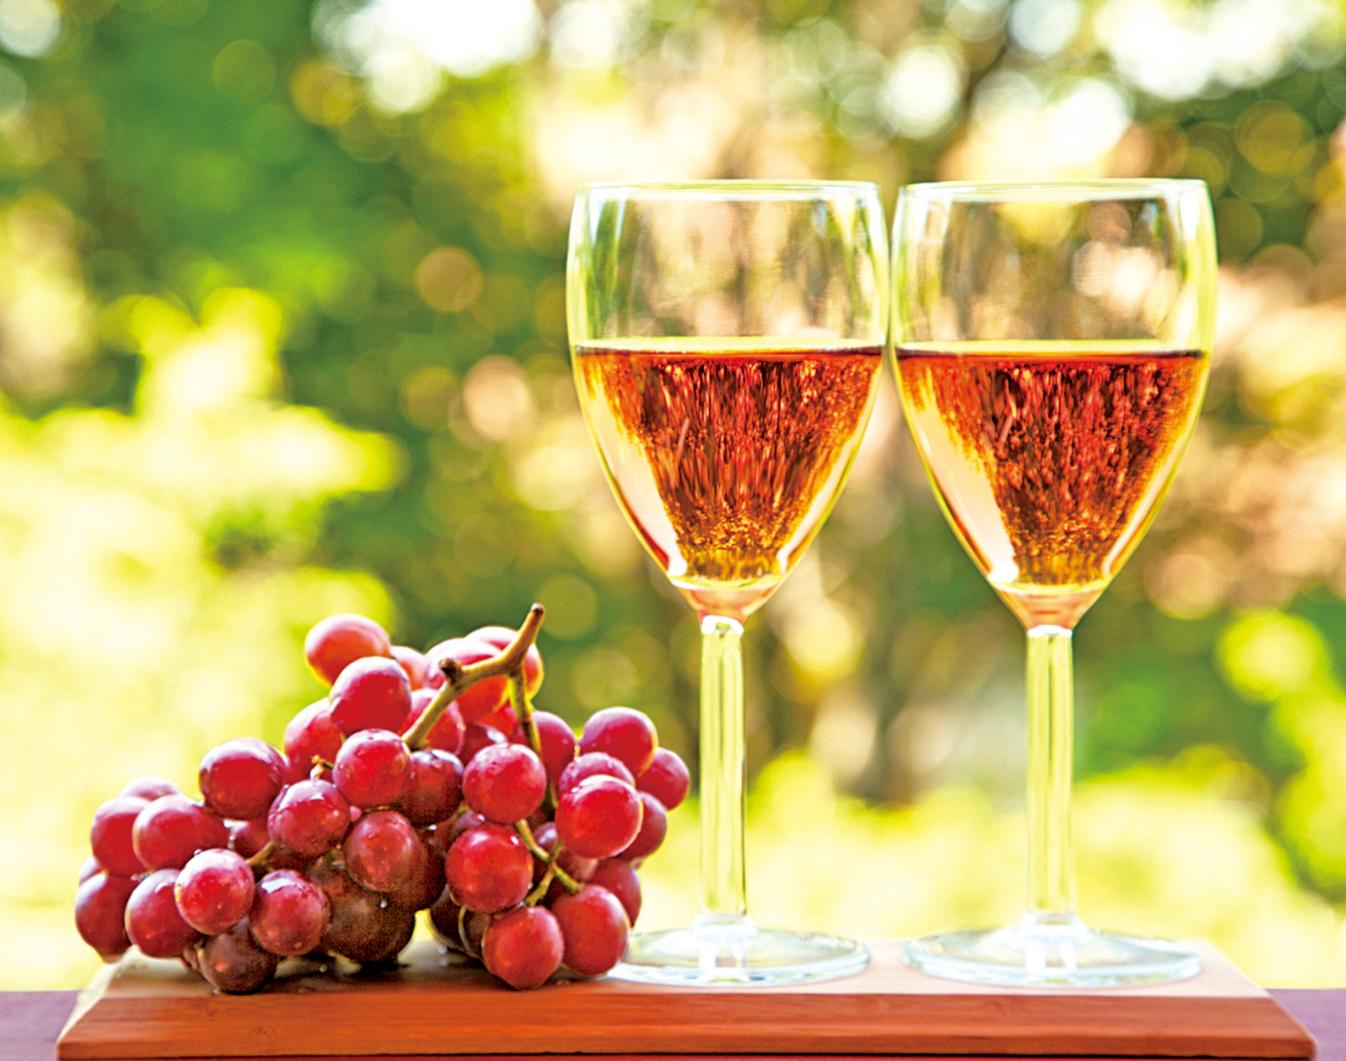 古代修士把耕作葡萄園和釀造葡萄酒當作侍奉上帝的神聖工作。